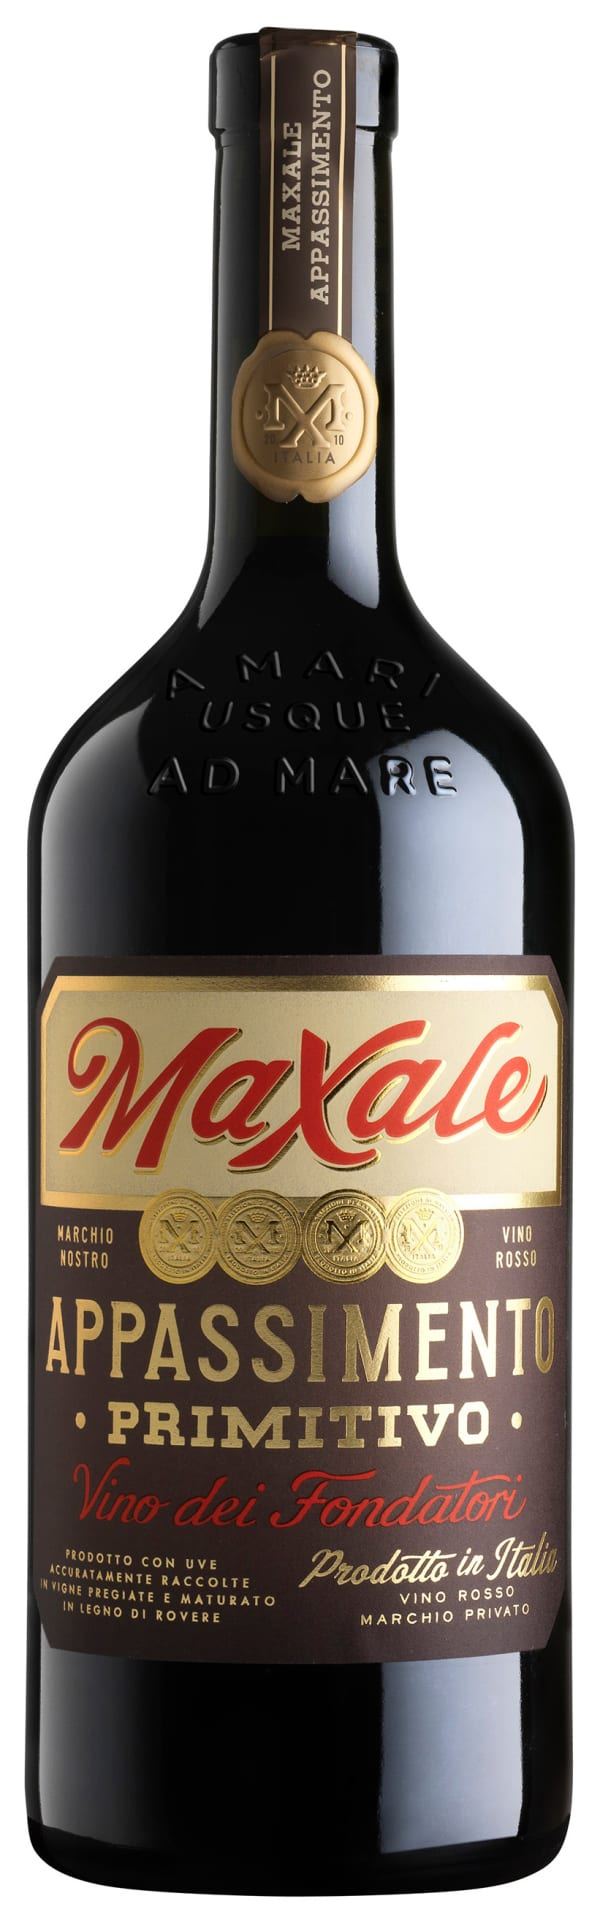 Maxale Appassimento Primitivo 2016